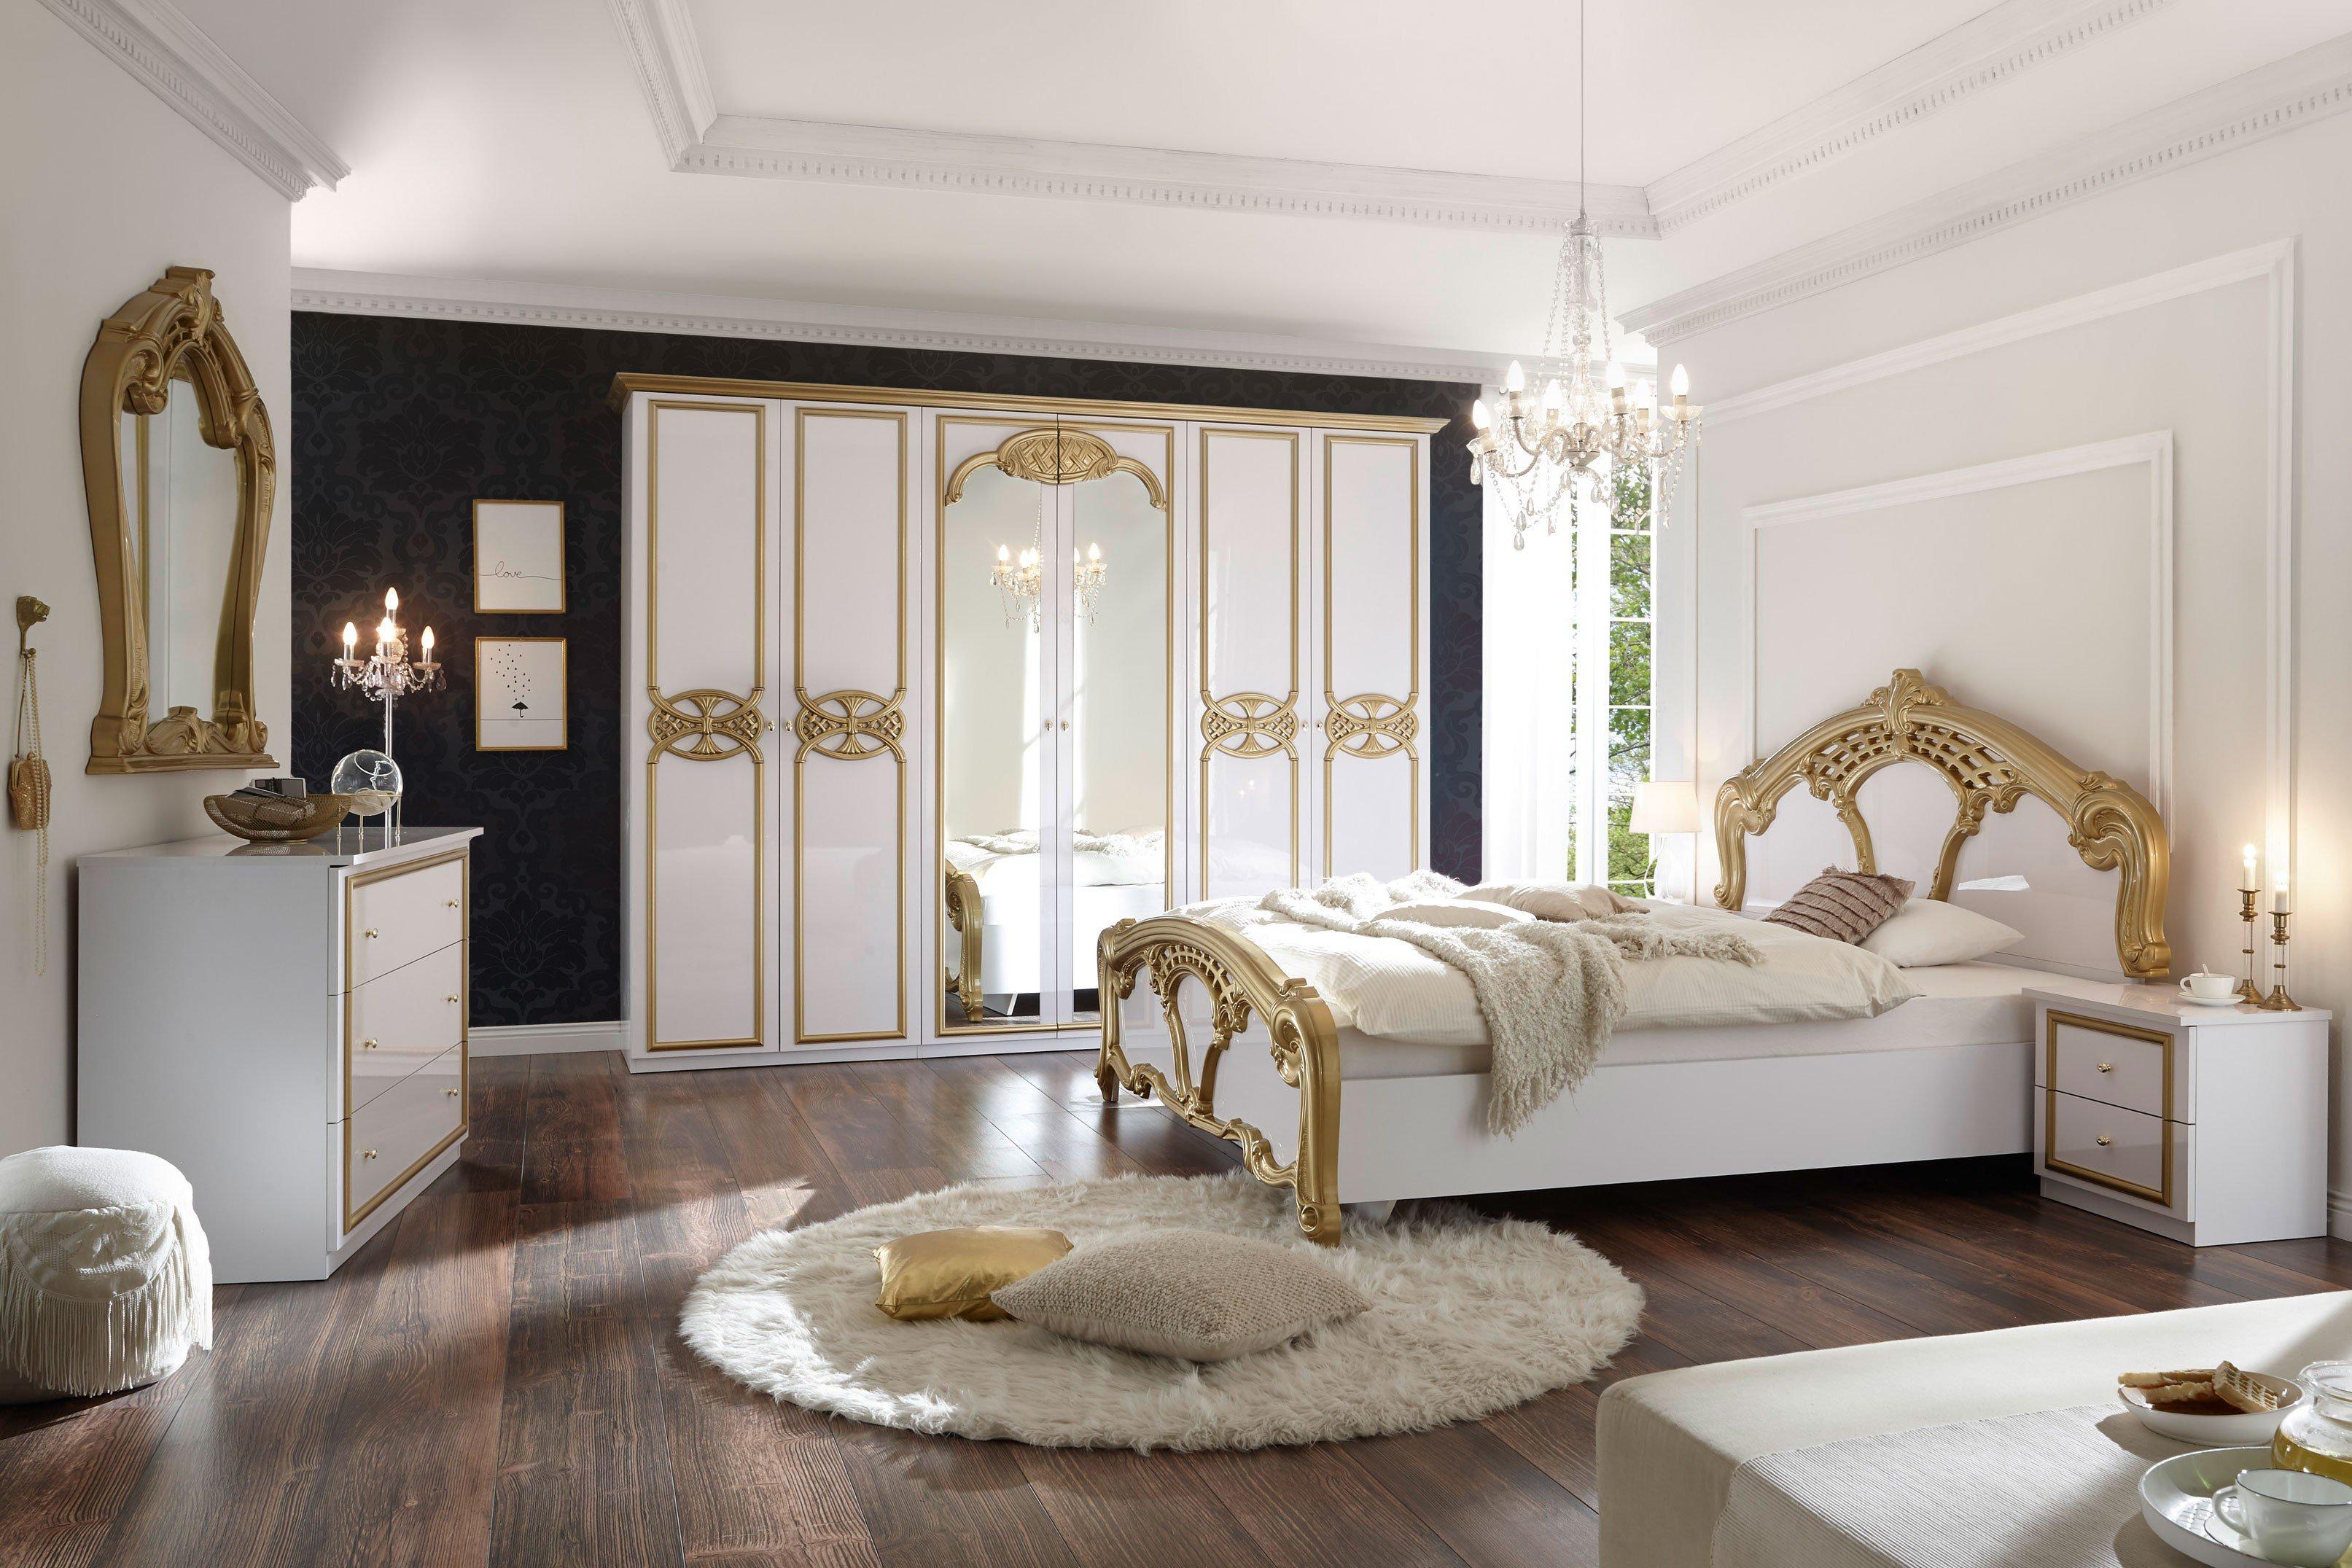 POL Power Claudia Barock-Schlafzimmer weiß - gold | Möbel Letz - Ihr ...